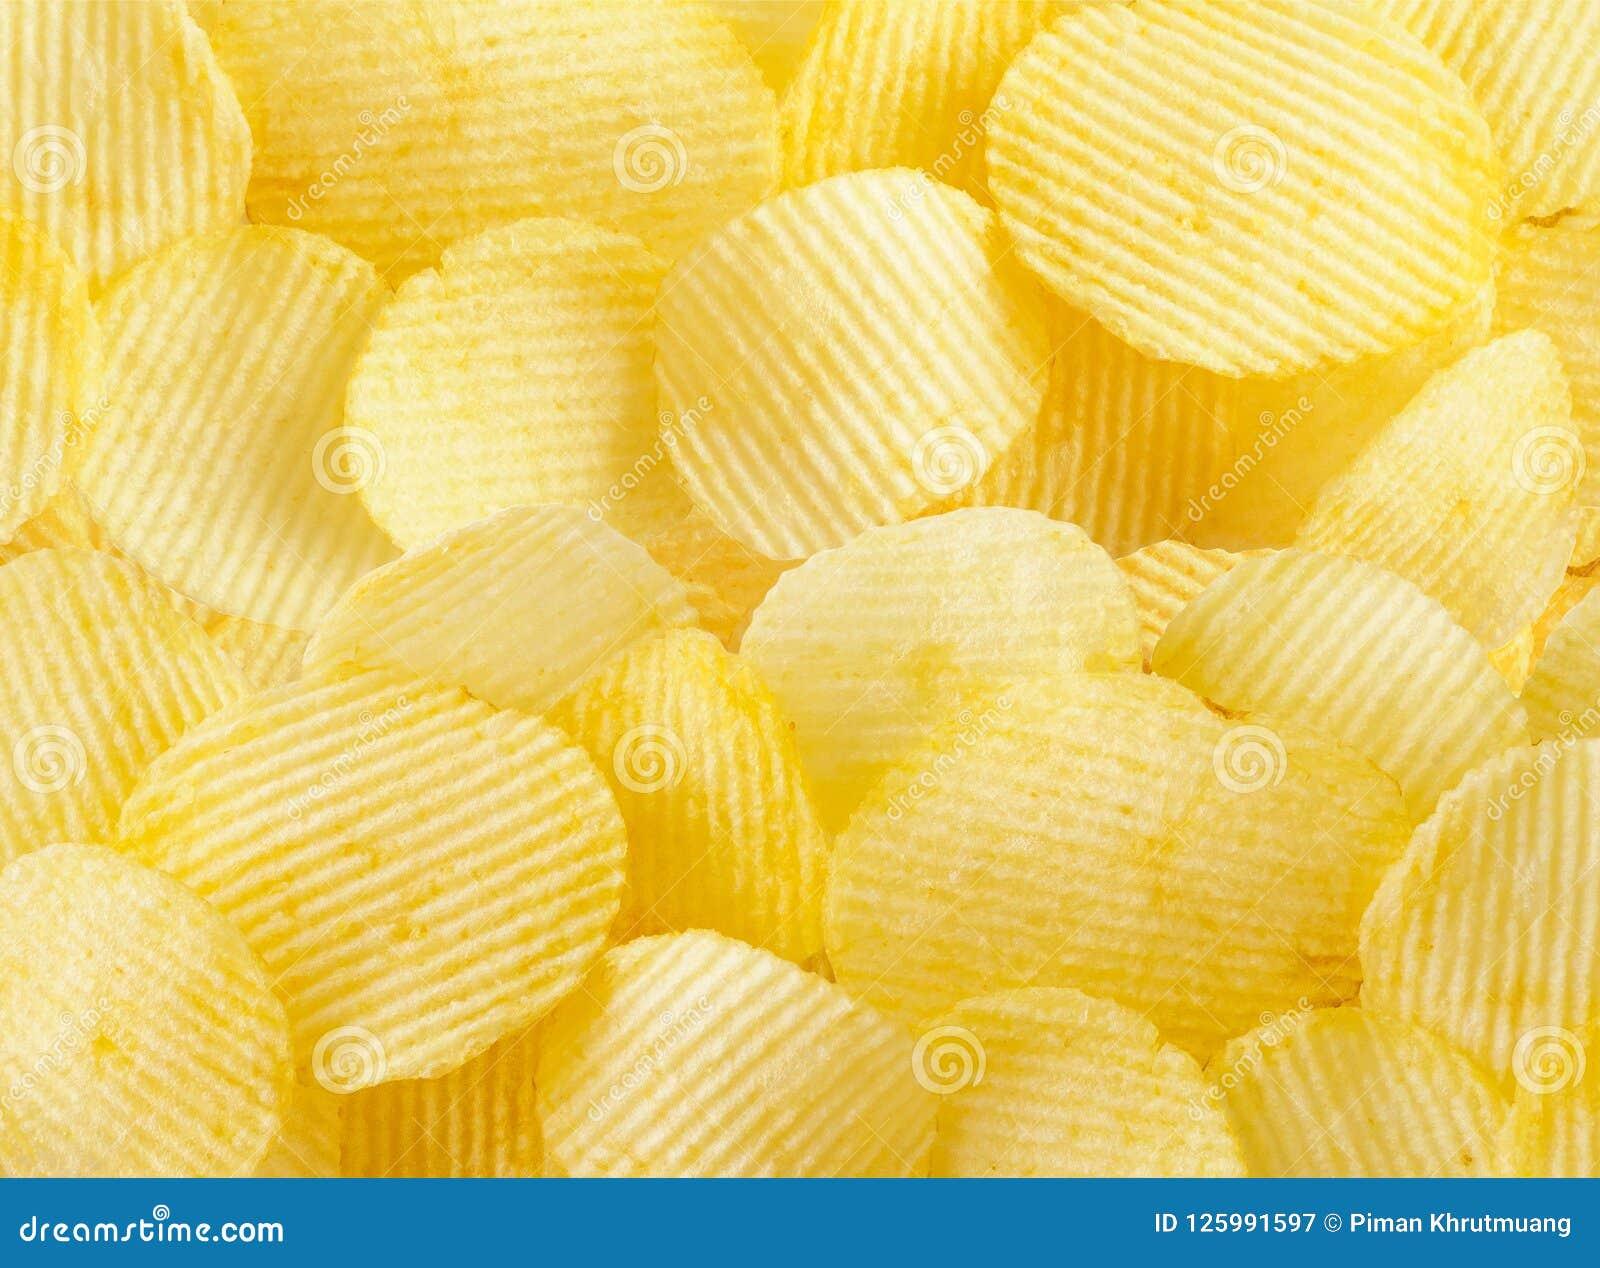 Кудрявая предпосылка текстуры закуски картофельных стружек